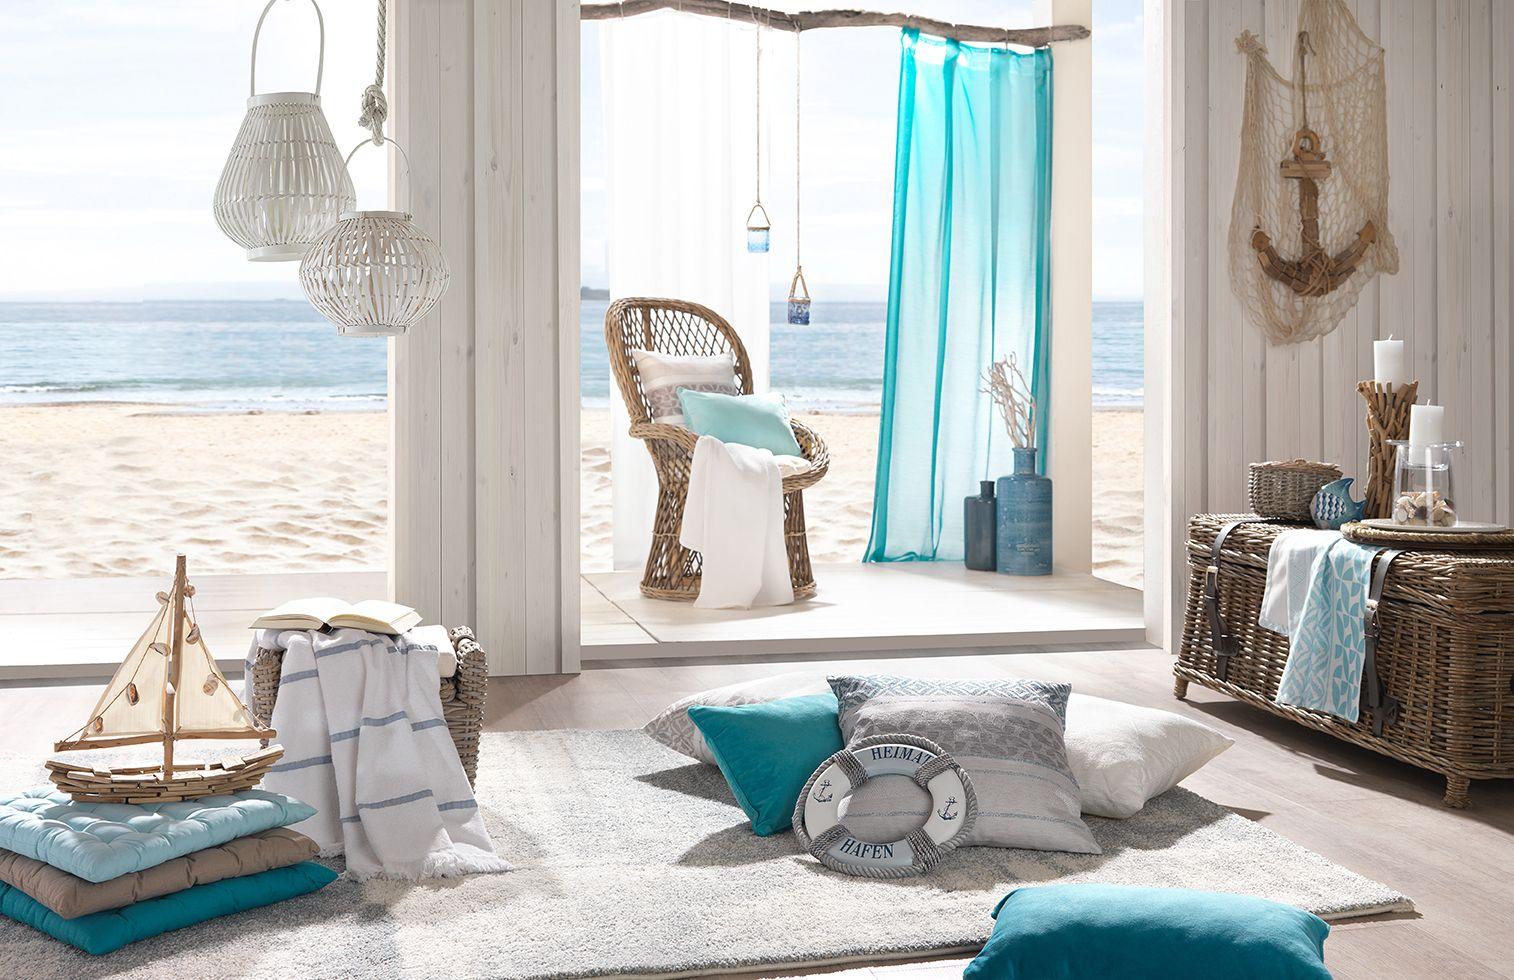 WohnzimmerMöbel und Accessoires in verschiedenen Blau